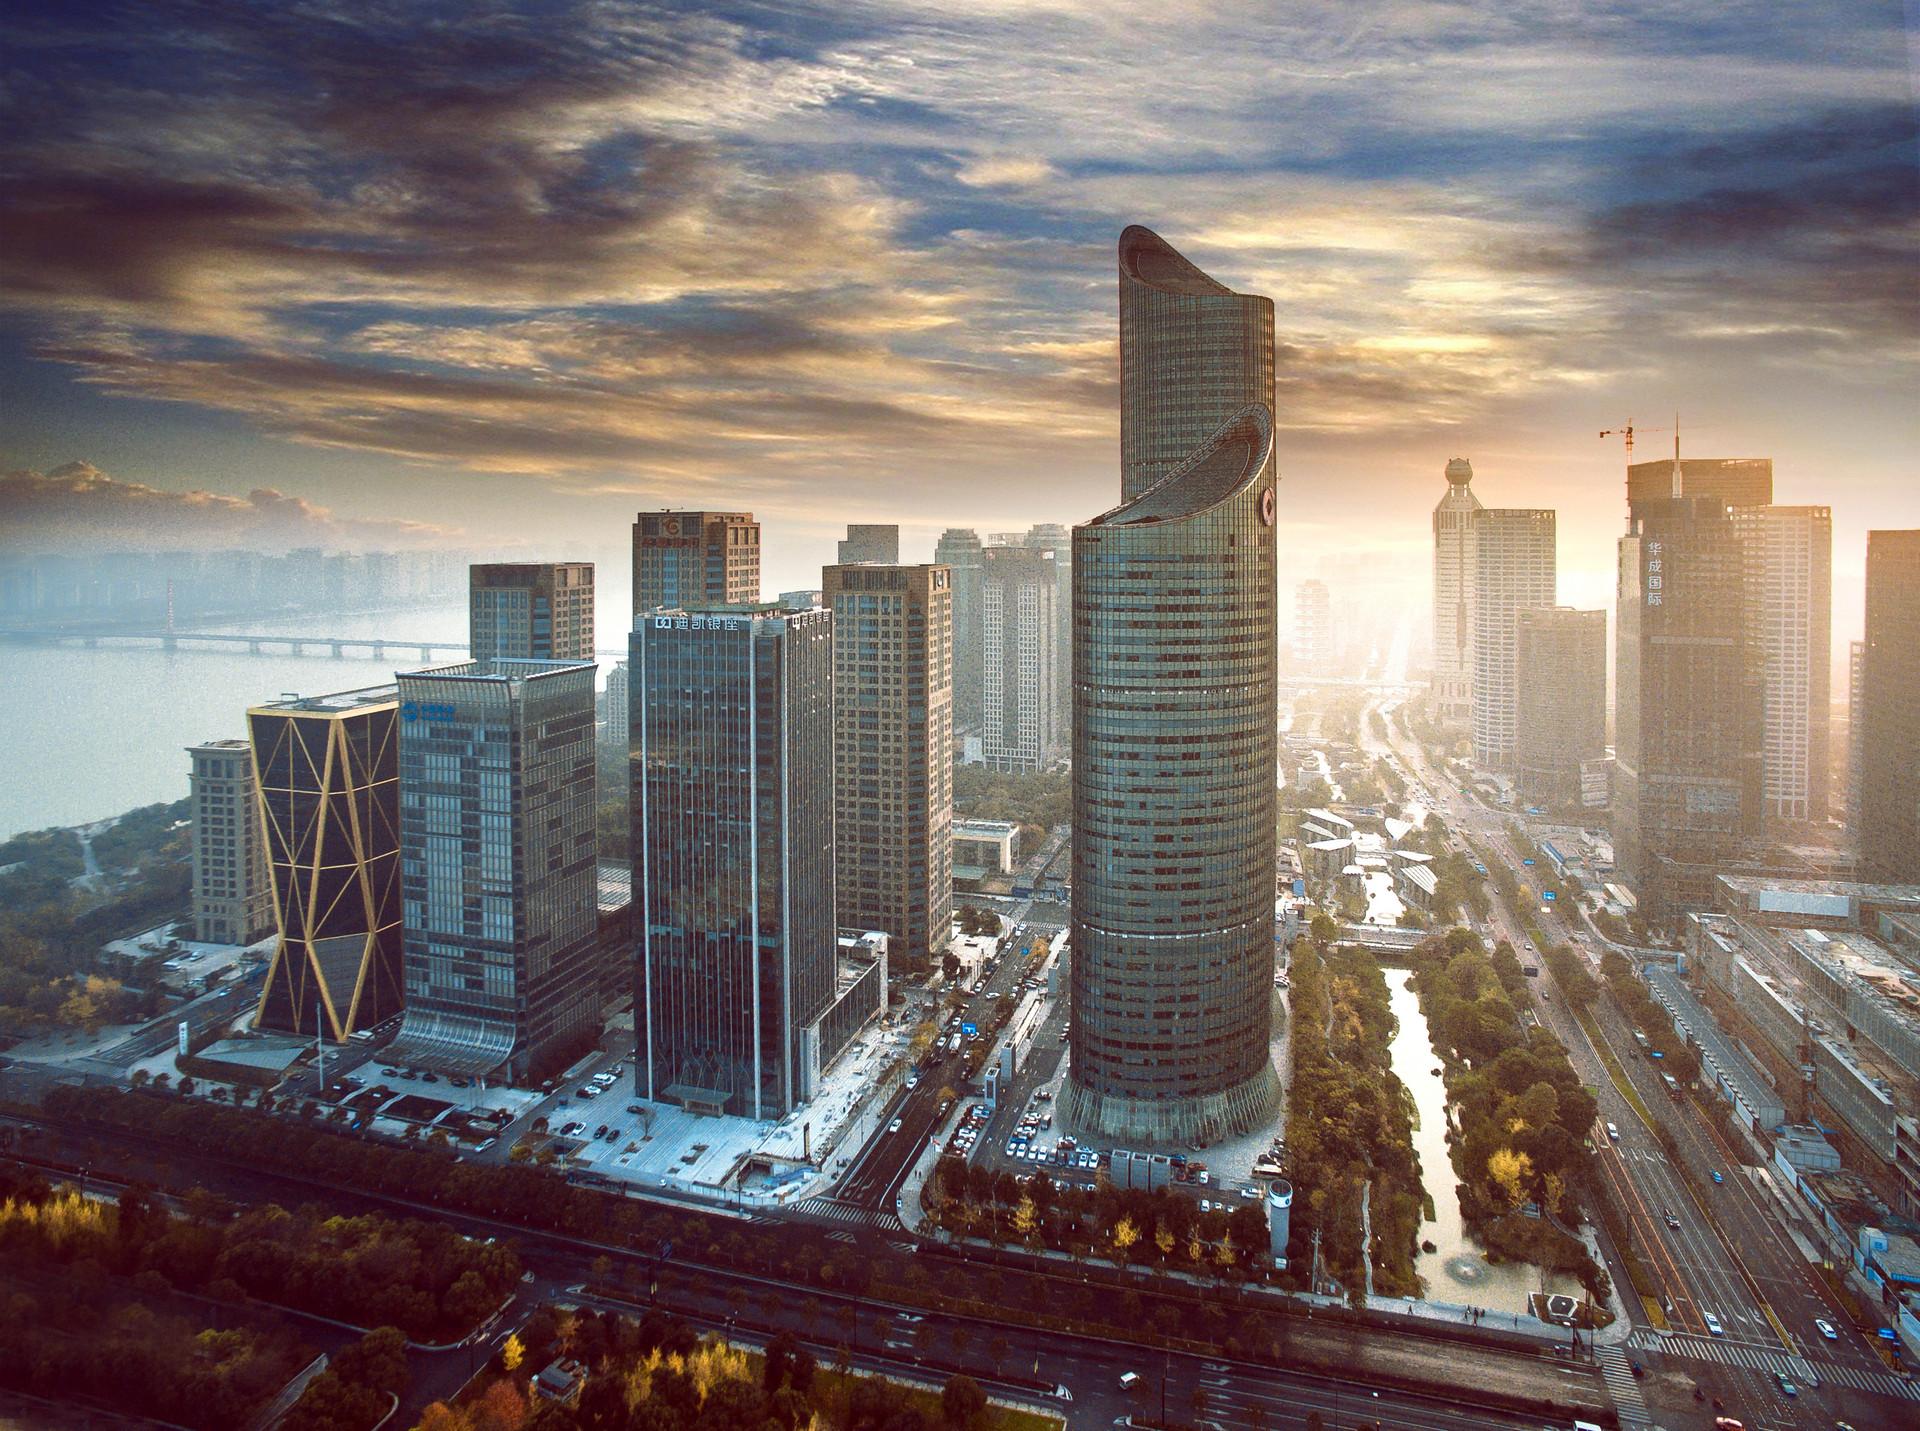 控股子公司汉河氢能拟收购青岛汉河新能源51%股权